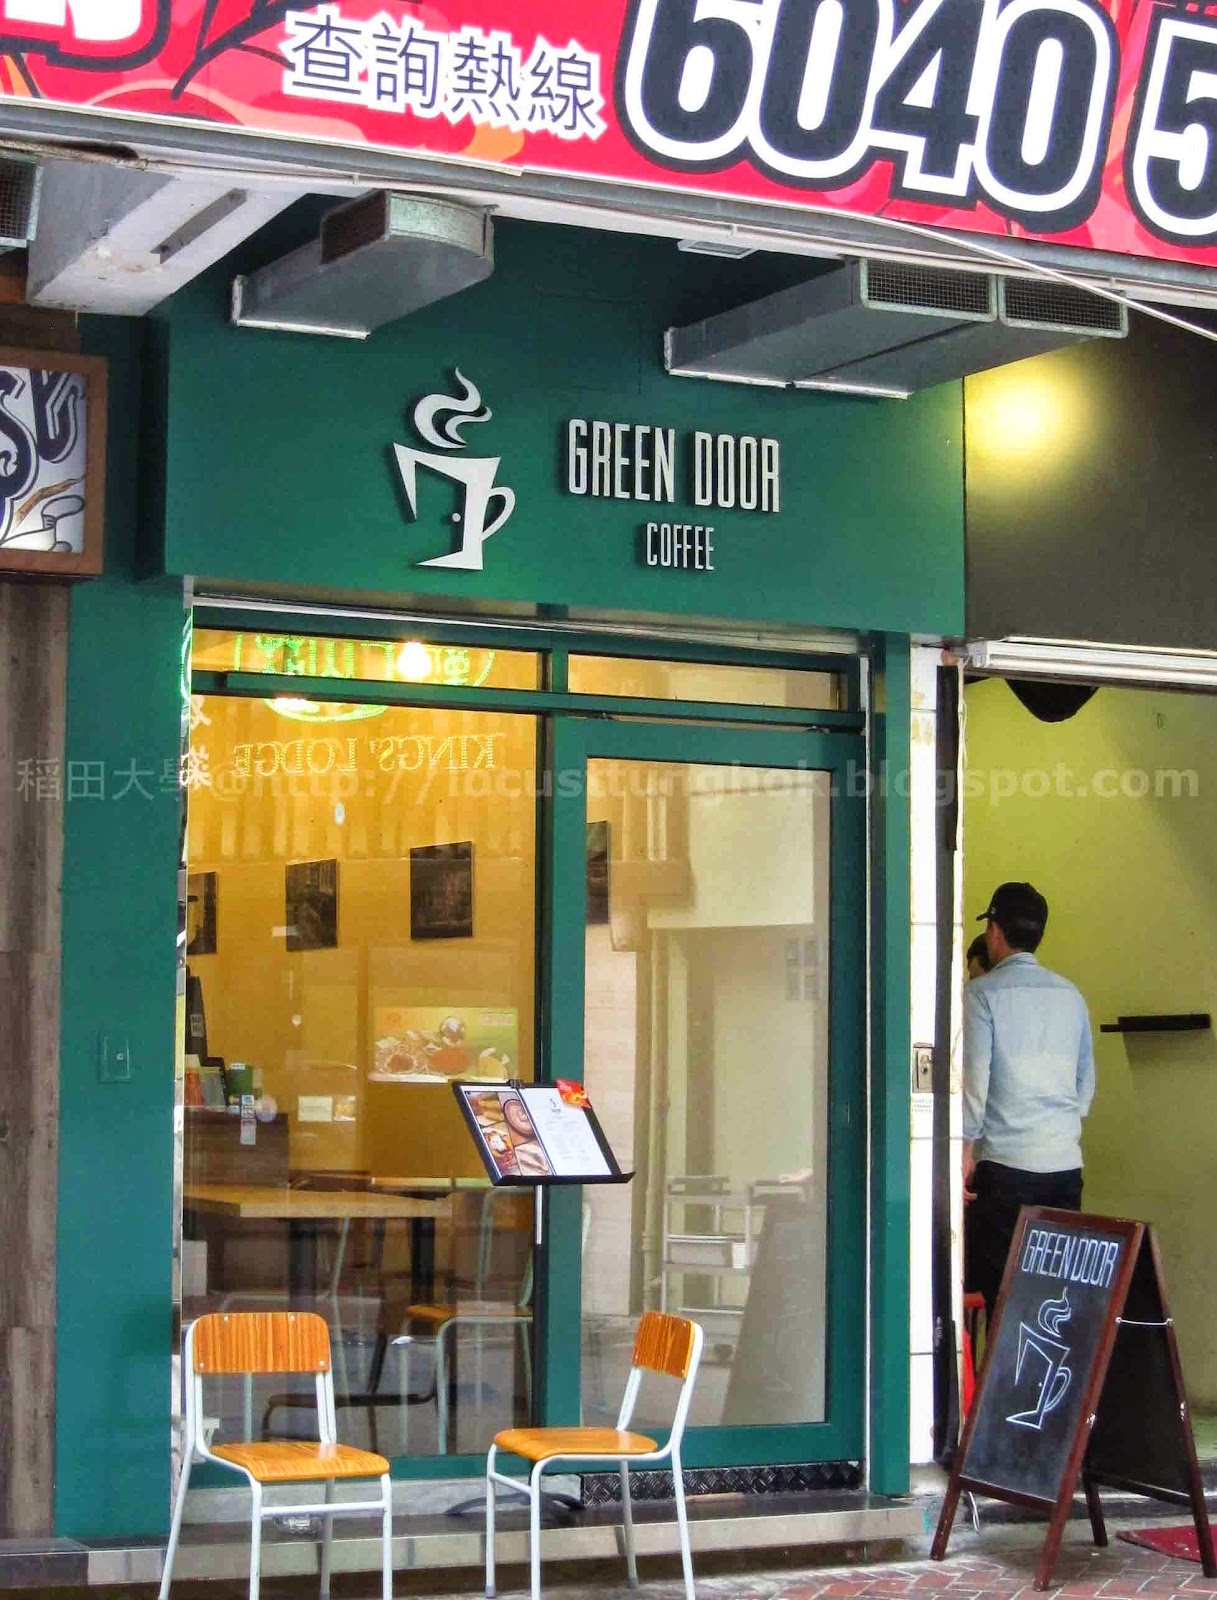 稻田大學‧吃喝玩樂系: 綠色後樂園 @ Green Door Coffee